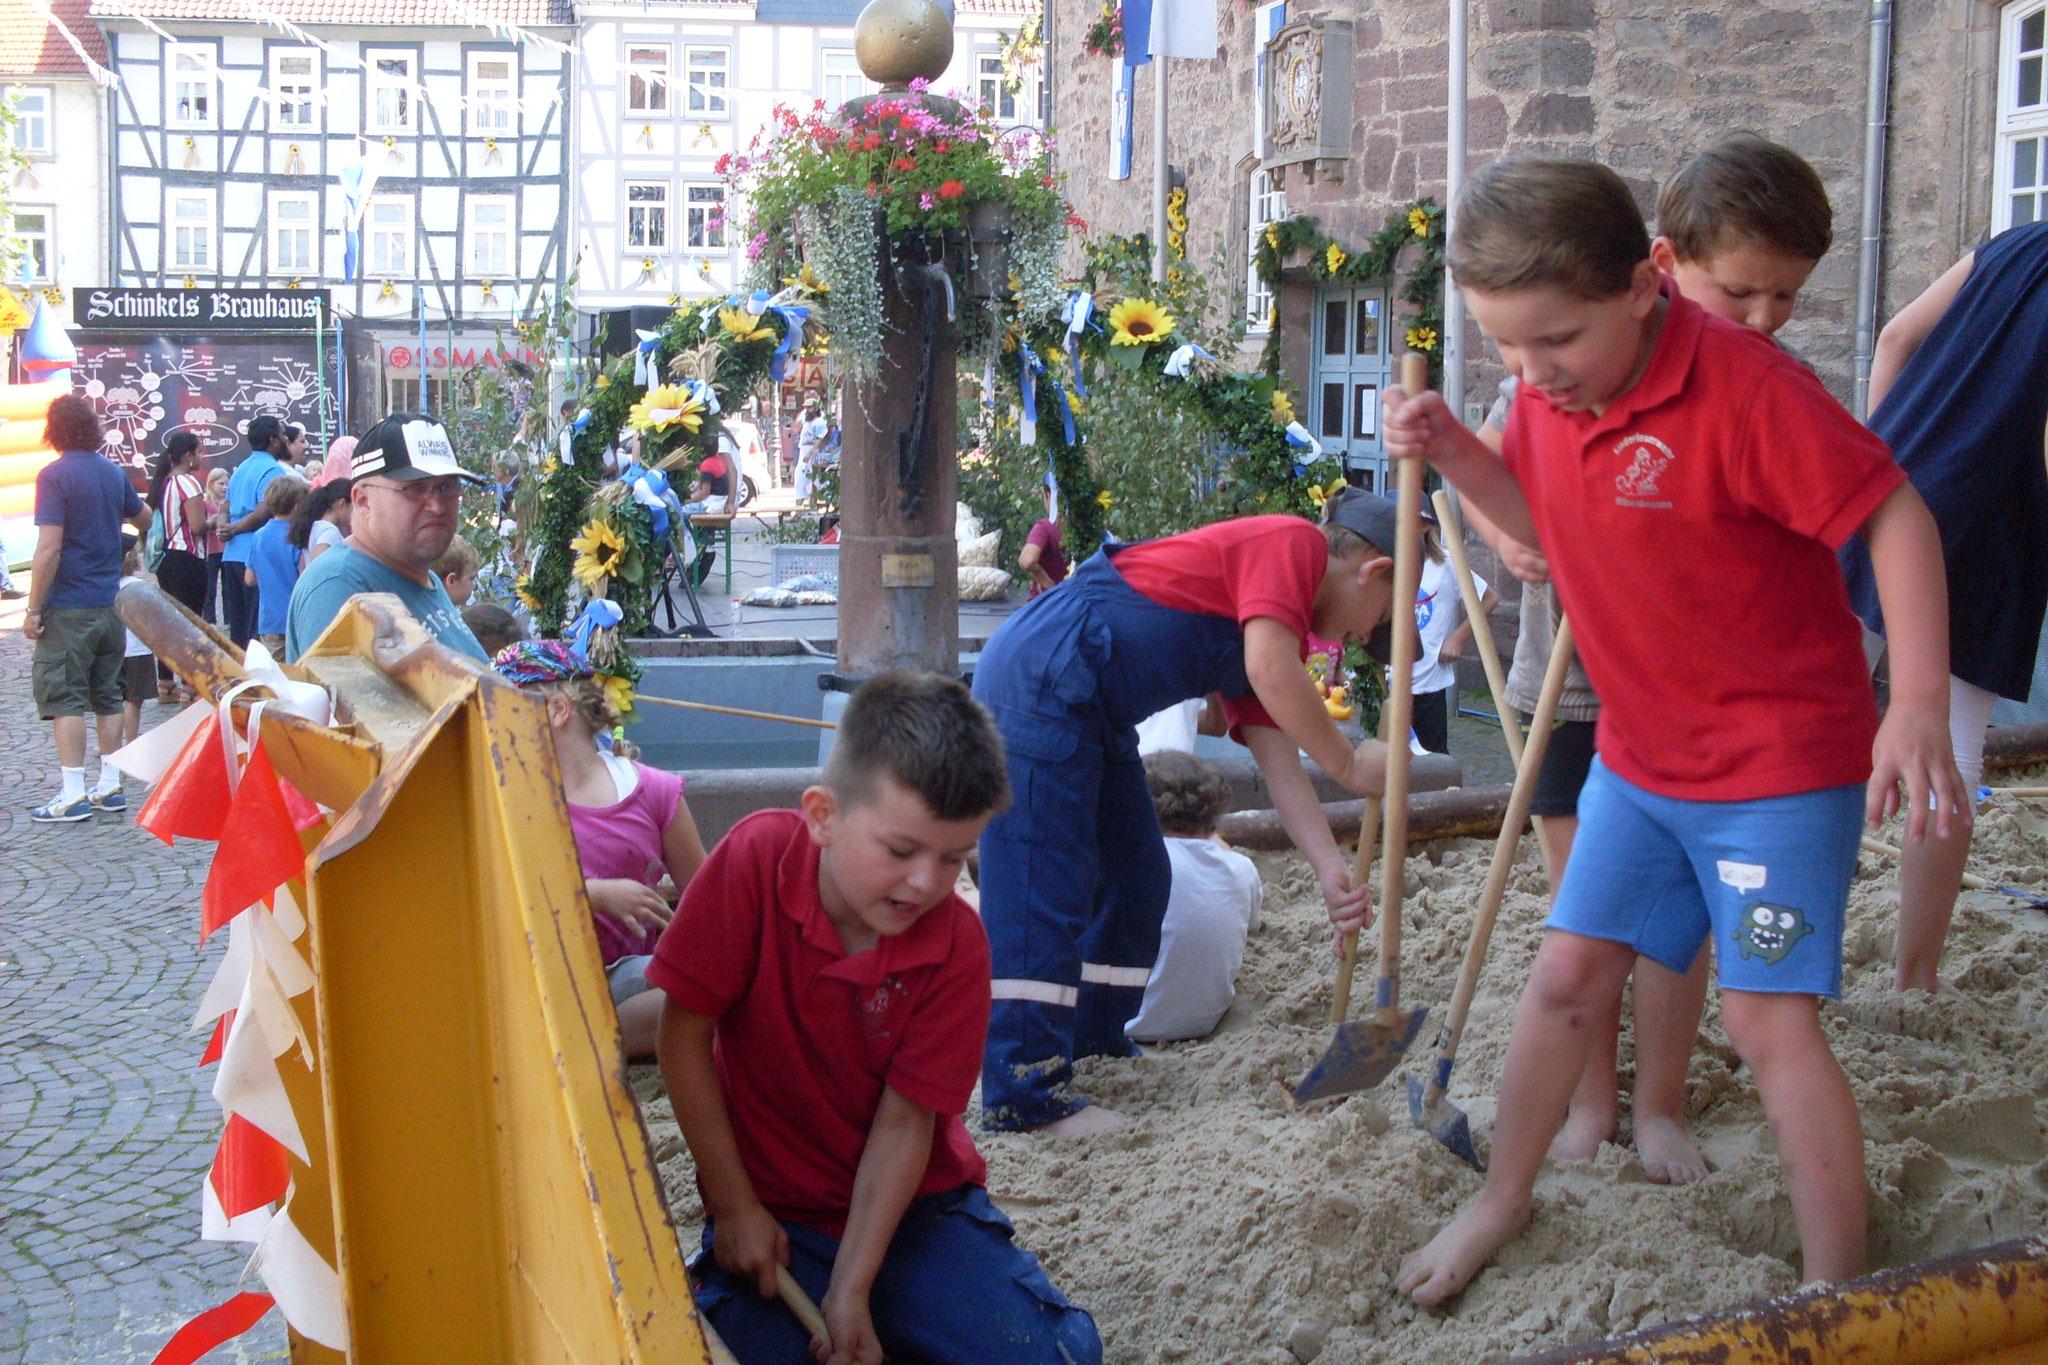 """Natürlich durften die Kinder auch die anderen Stationen auf dem Marktplatz besuchen und spielen. Hier die """"Schatzkiste"""" vom Erntefestausschuß."""